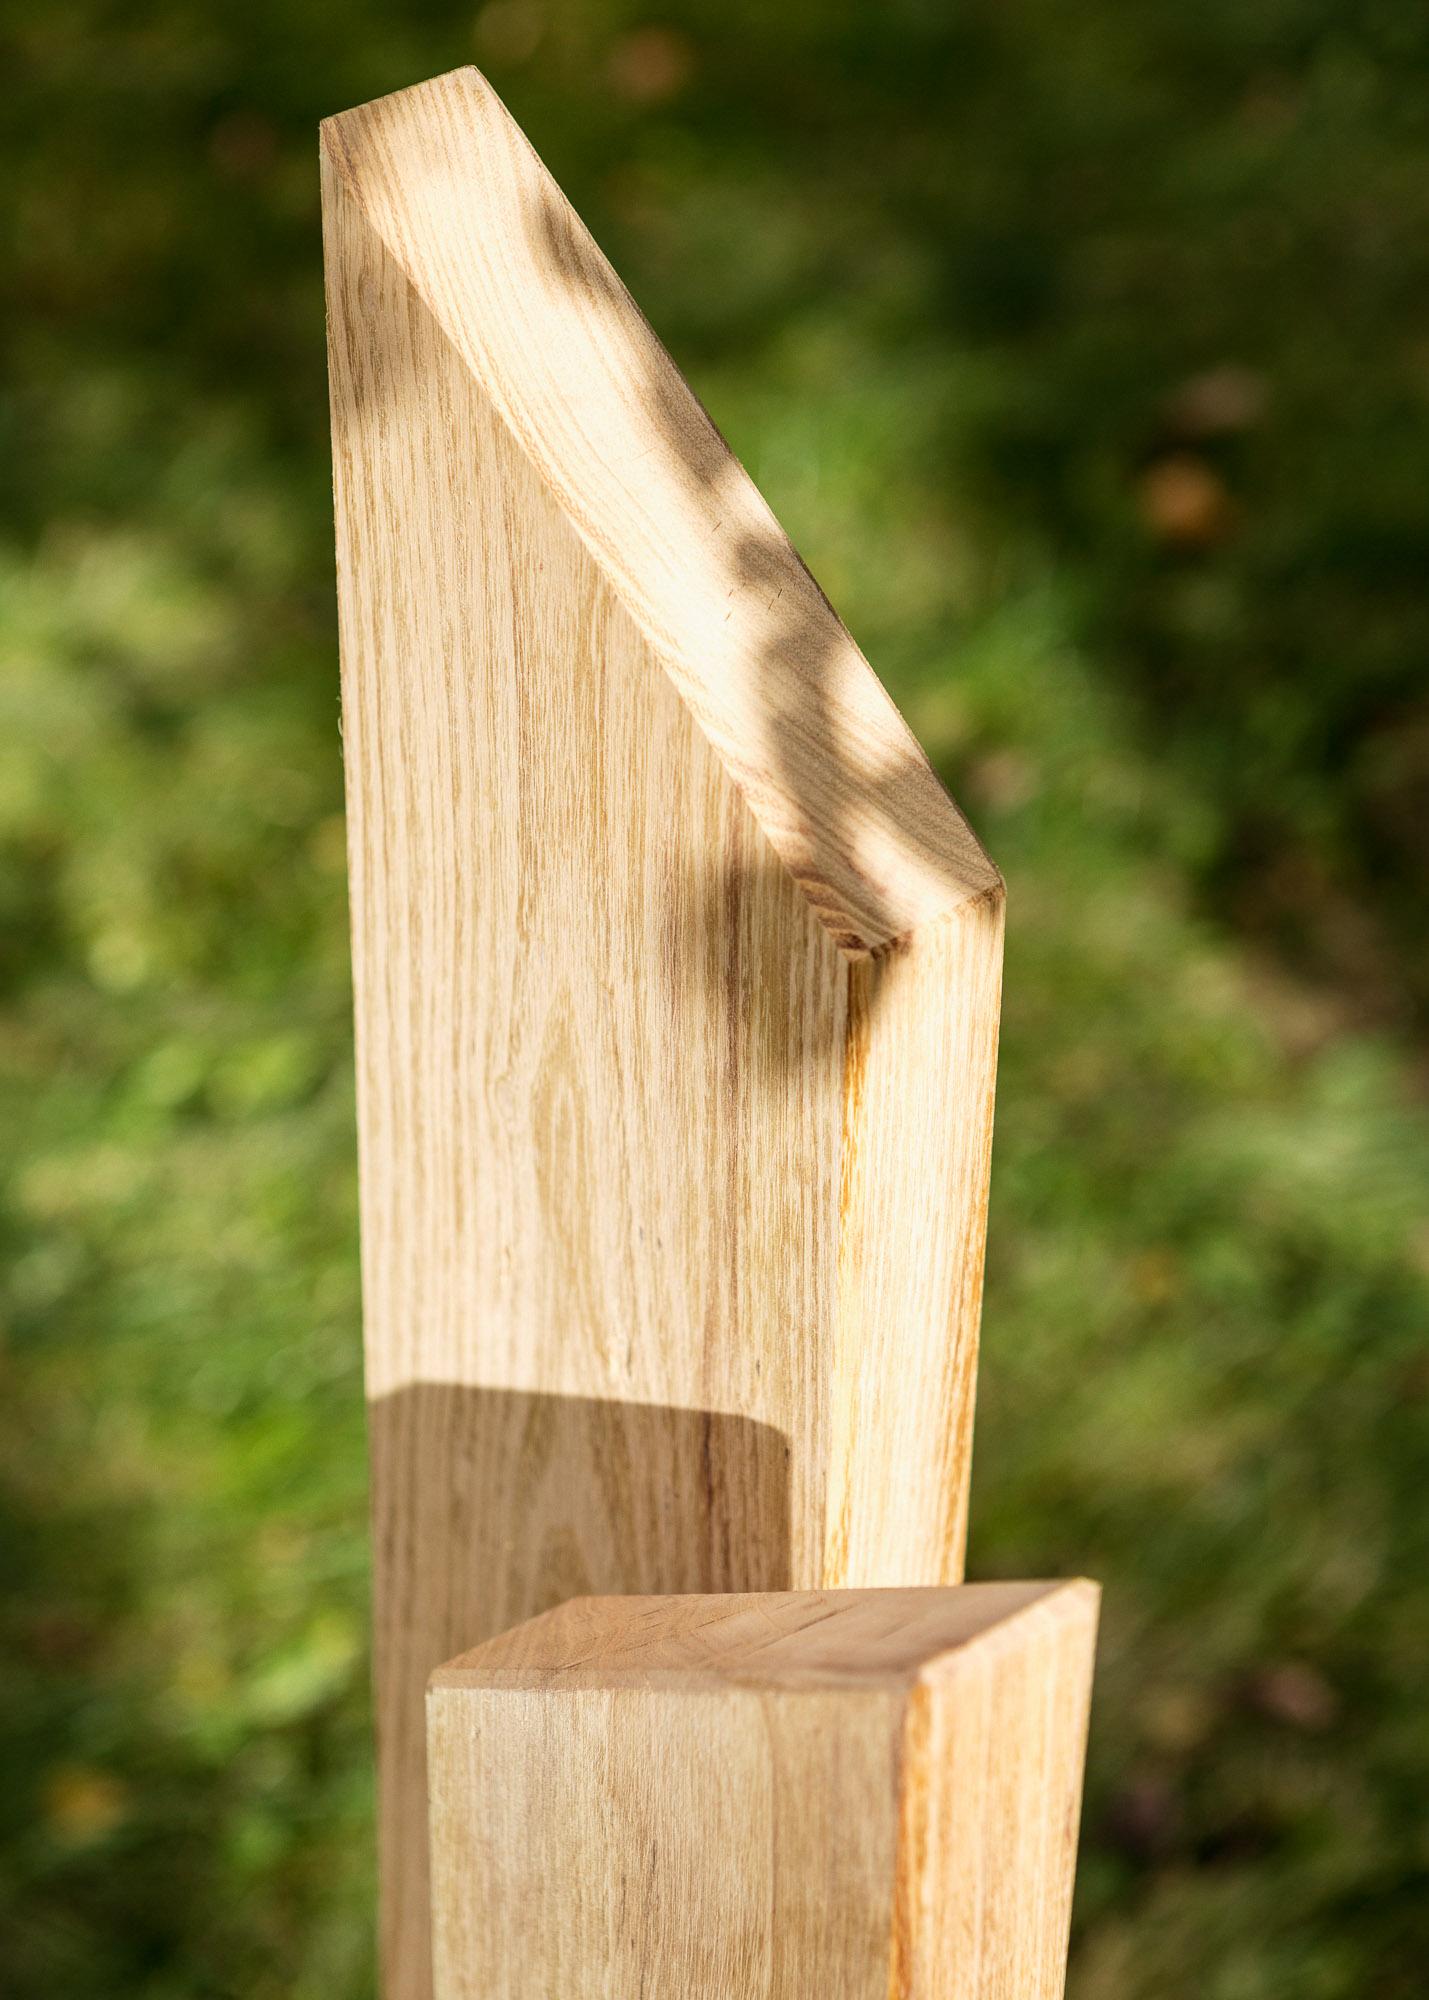 Grabmal aus Holz Stele mit Emaille-Schild